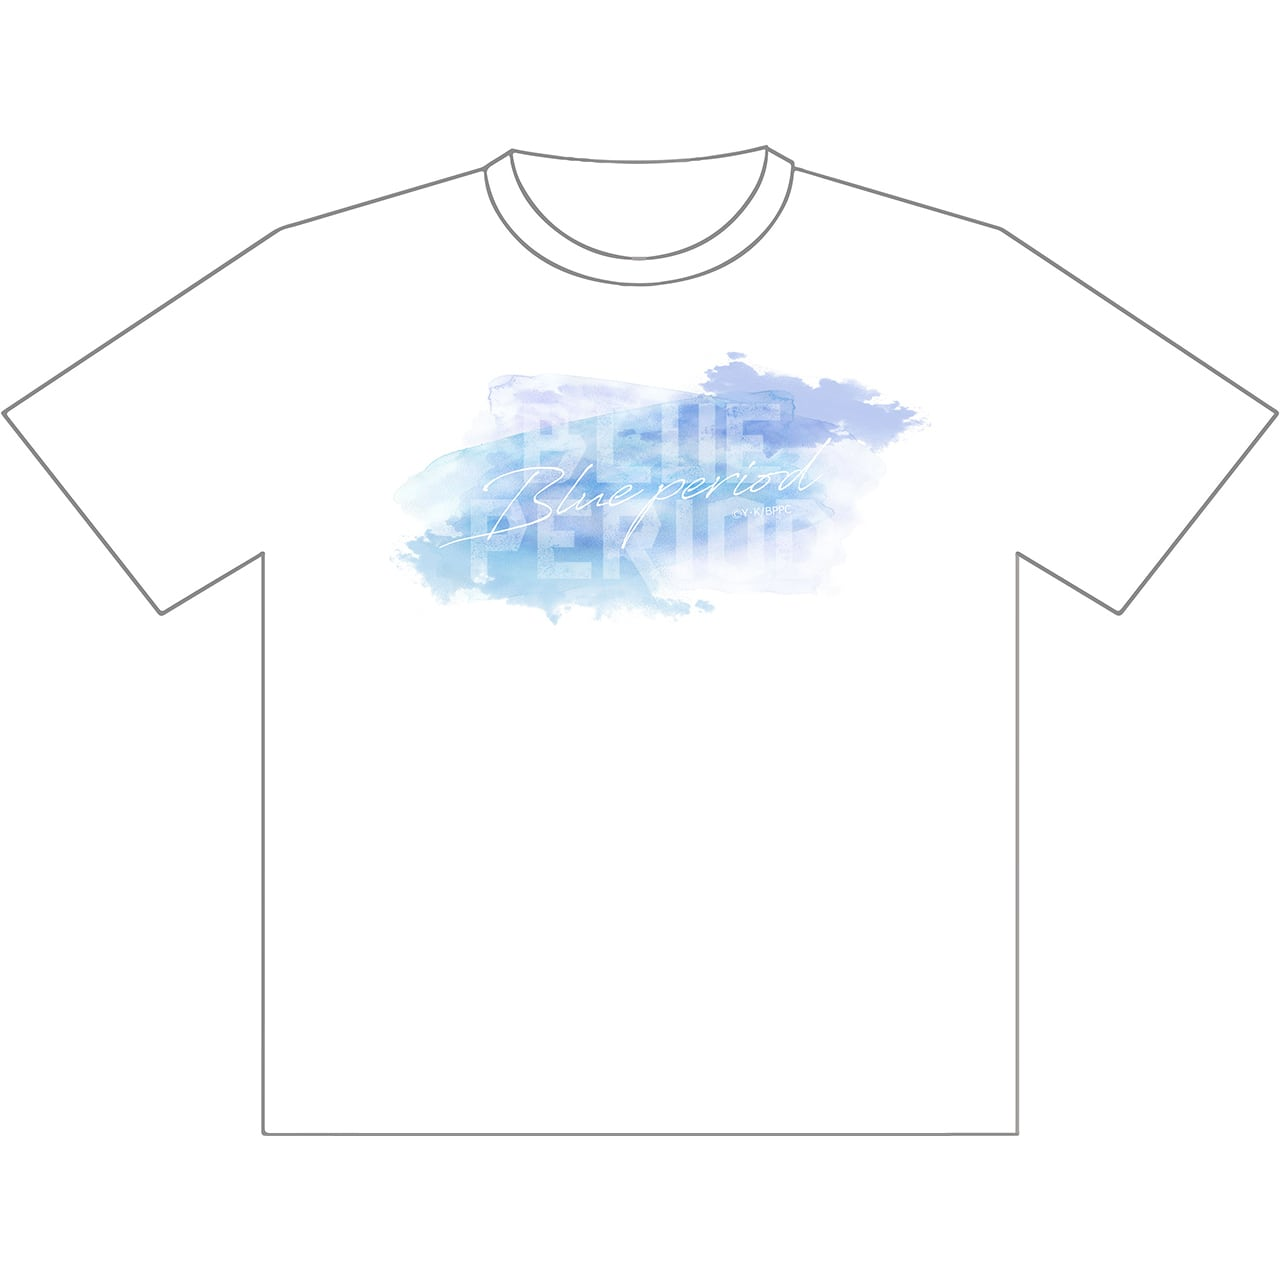 【4589839367837予】ブルーピリオド Tシャツ M